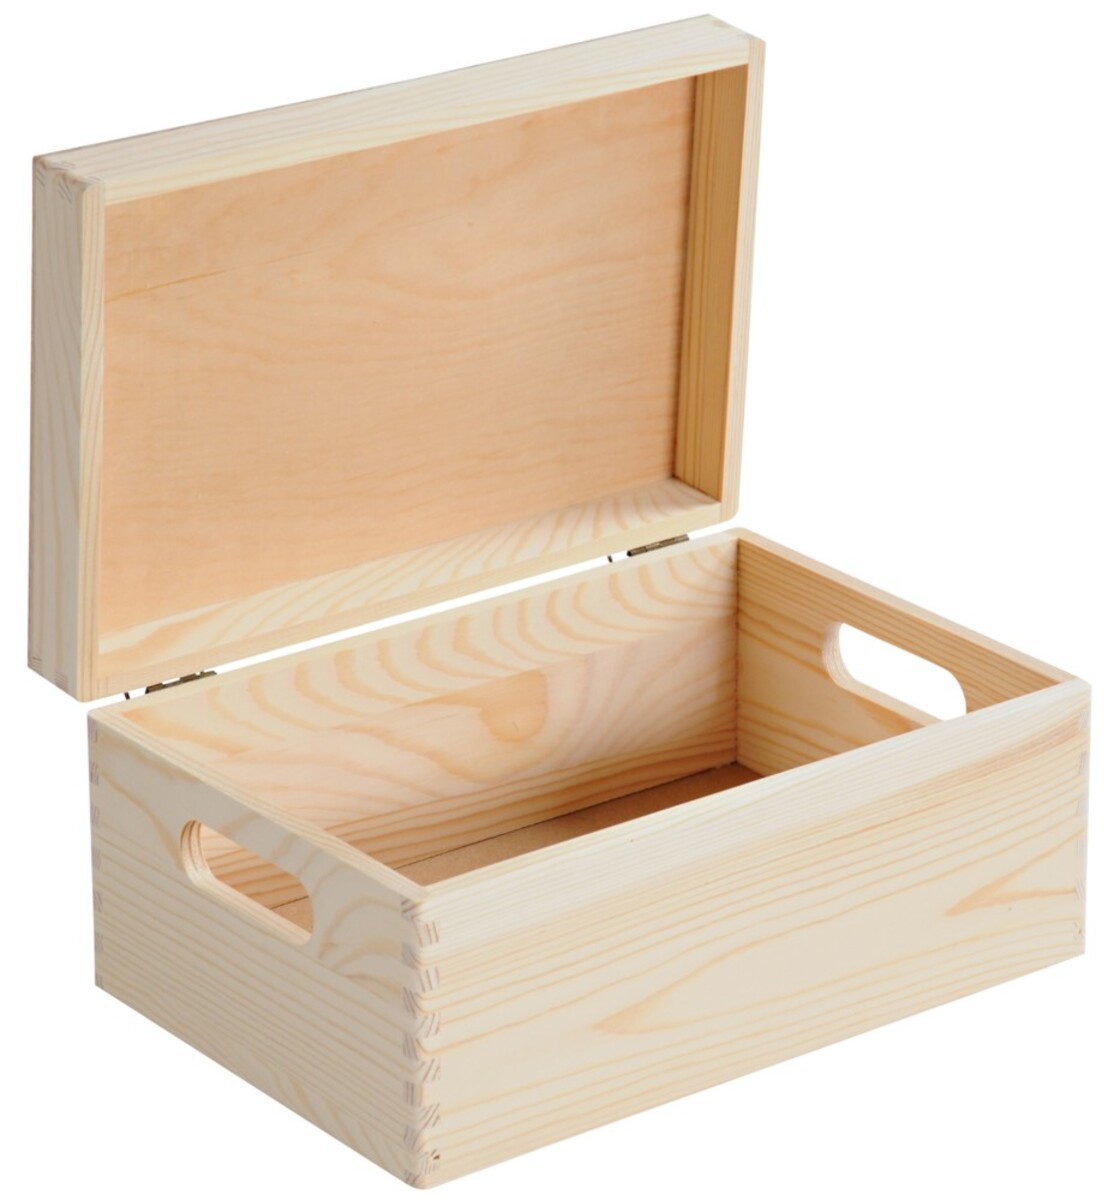 Bild 1 von Kesper Aufbewahrungsbox mit Deckel